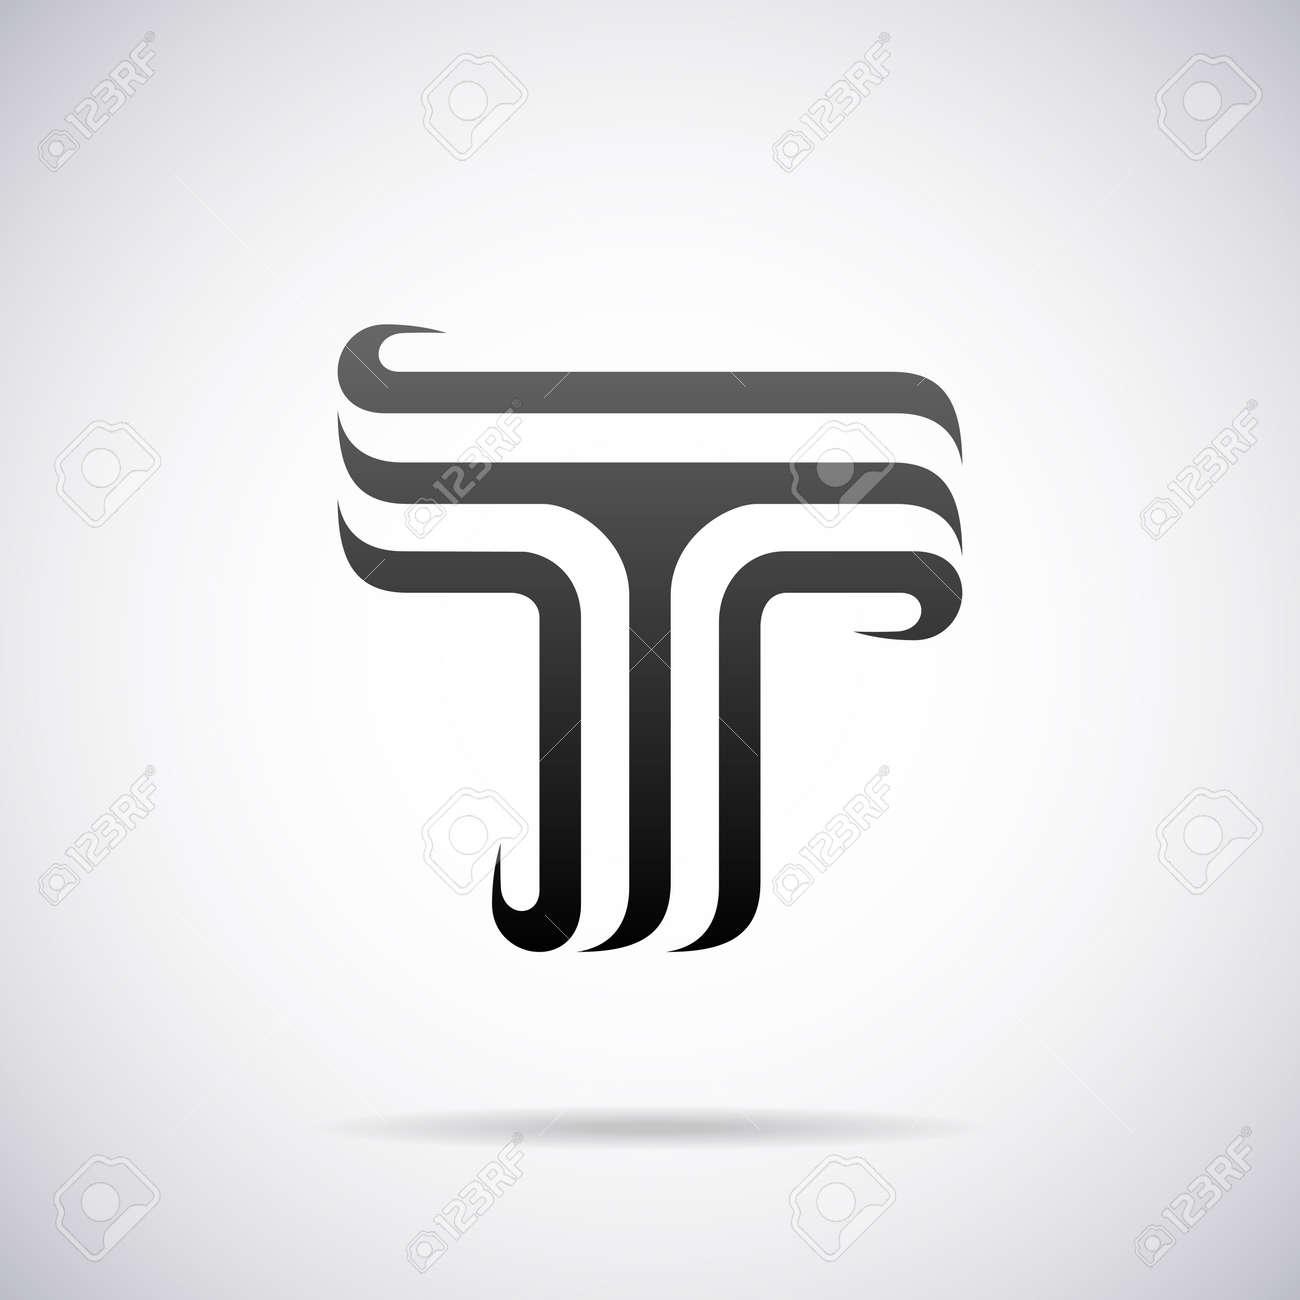 Letter T Design Template Vector Illustration Stock